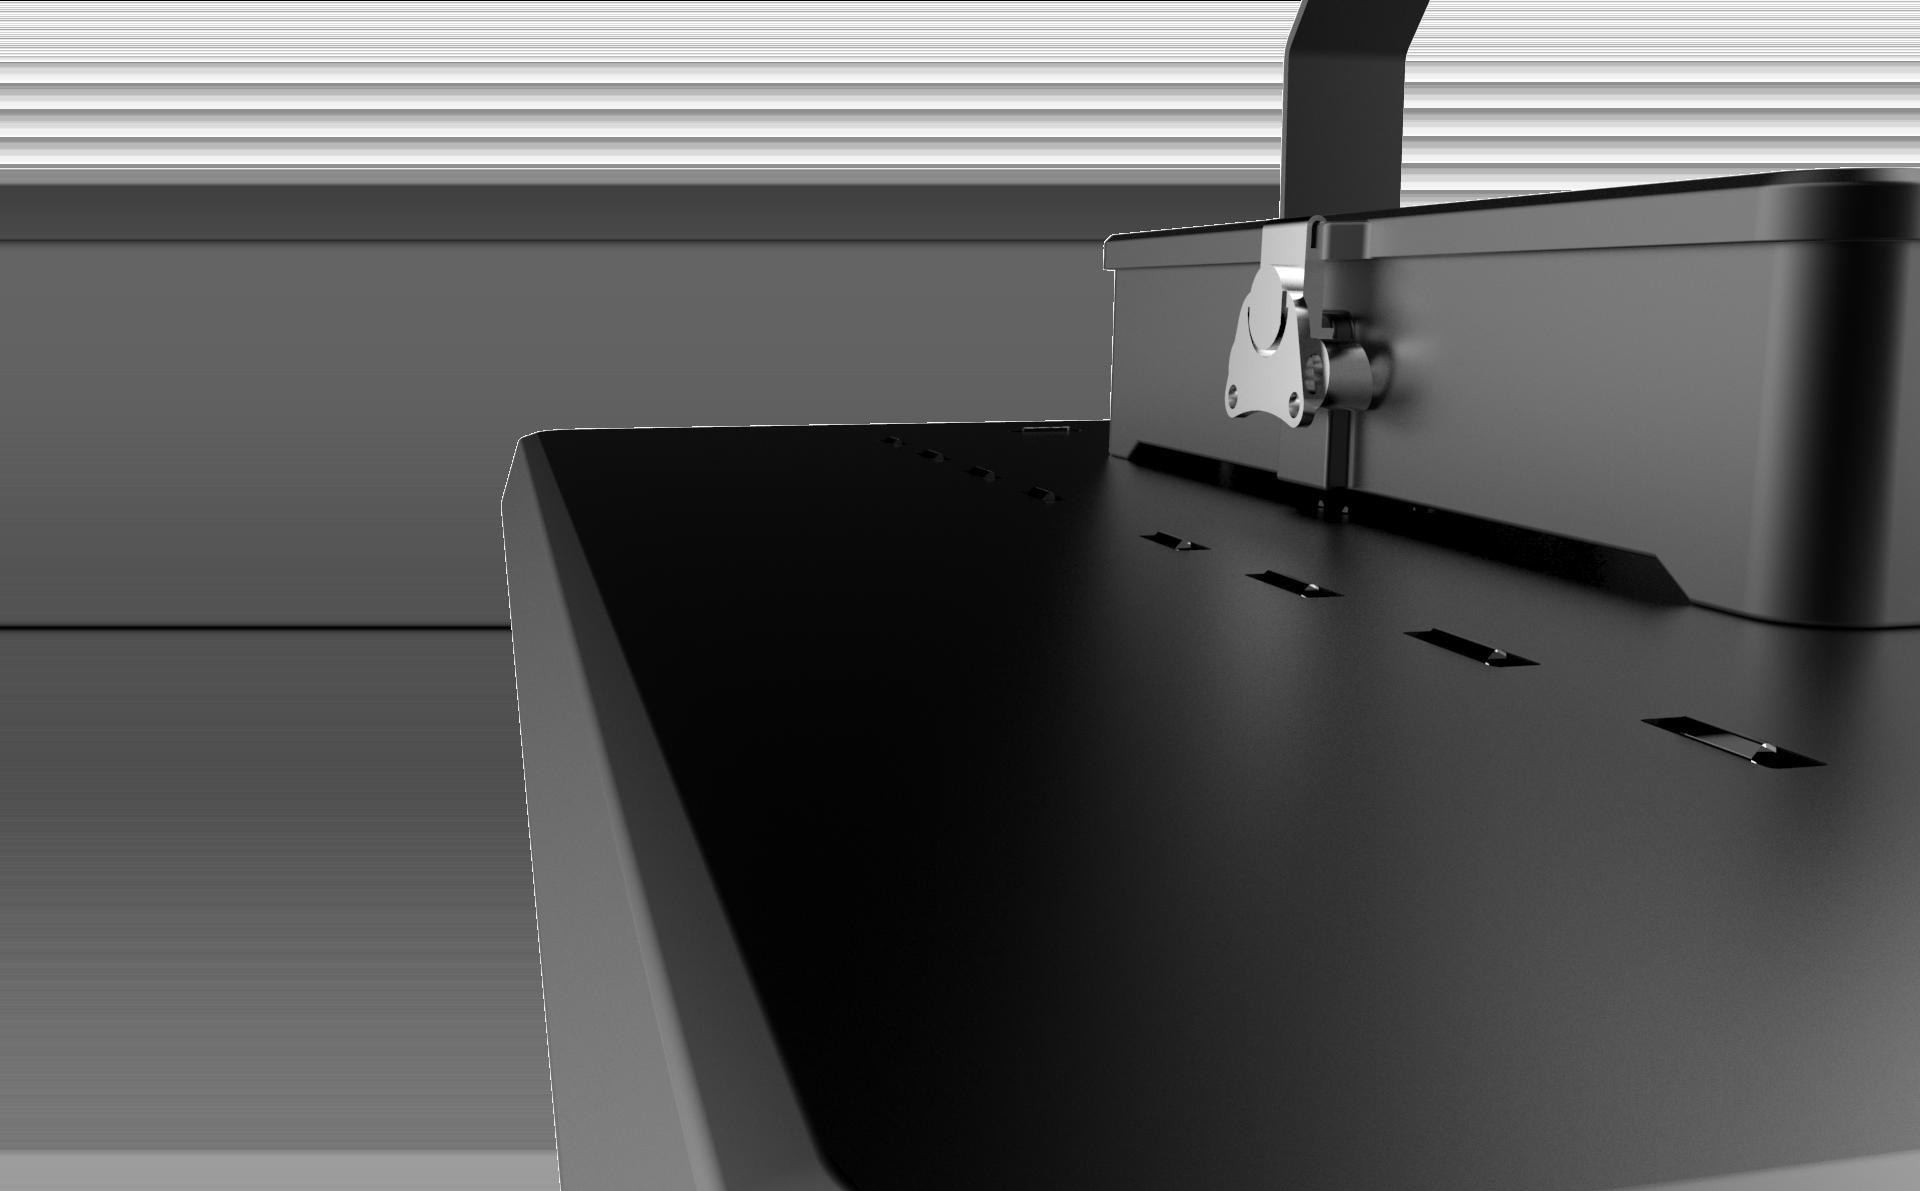 Светильник LED Aura 50Вт 5000К/6500К 8000лм 315x190x100мм доп. вид